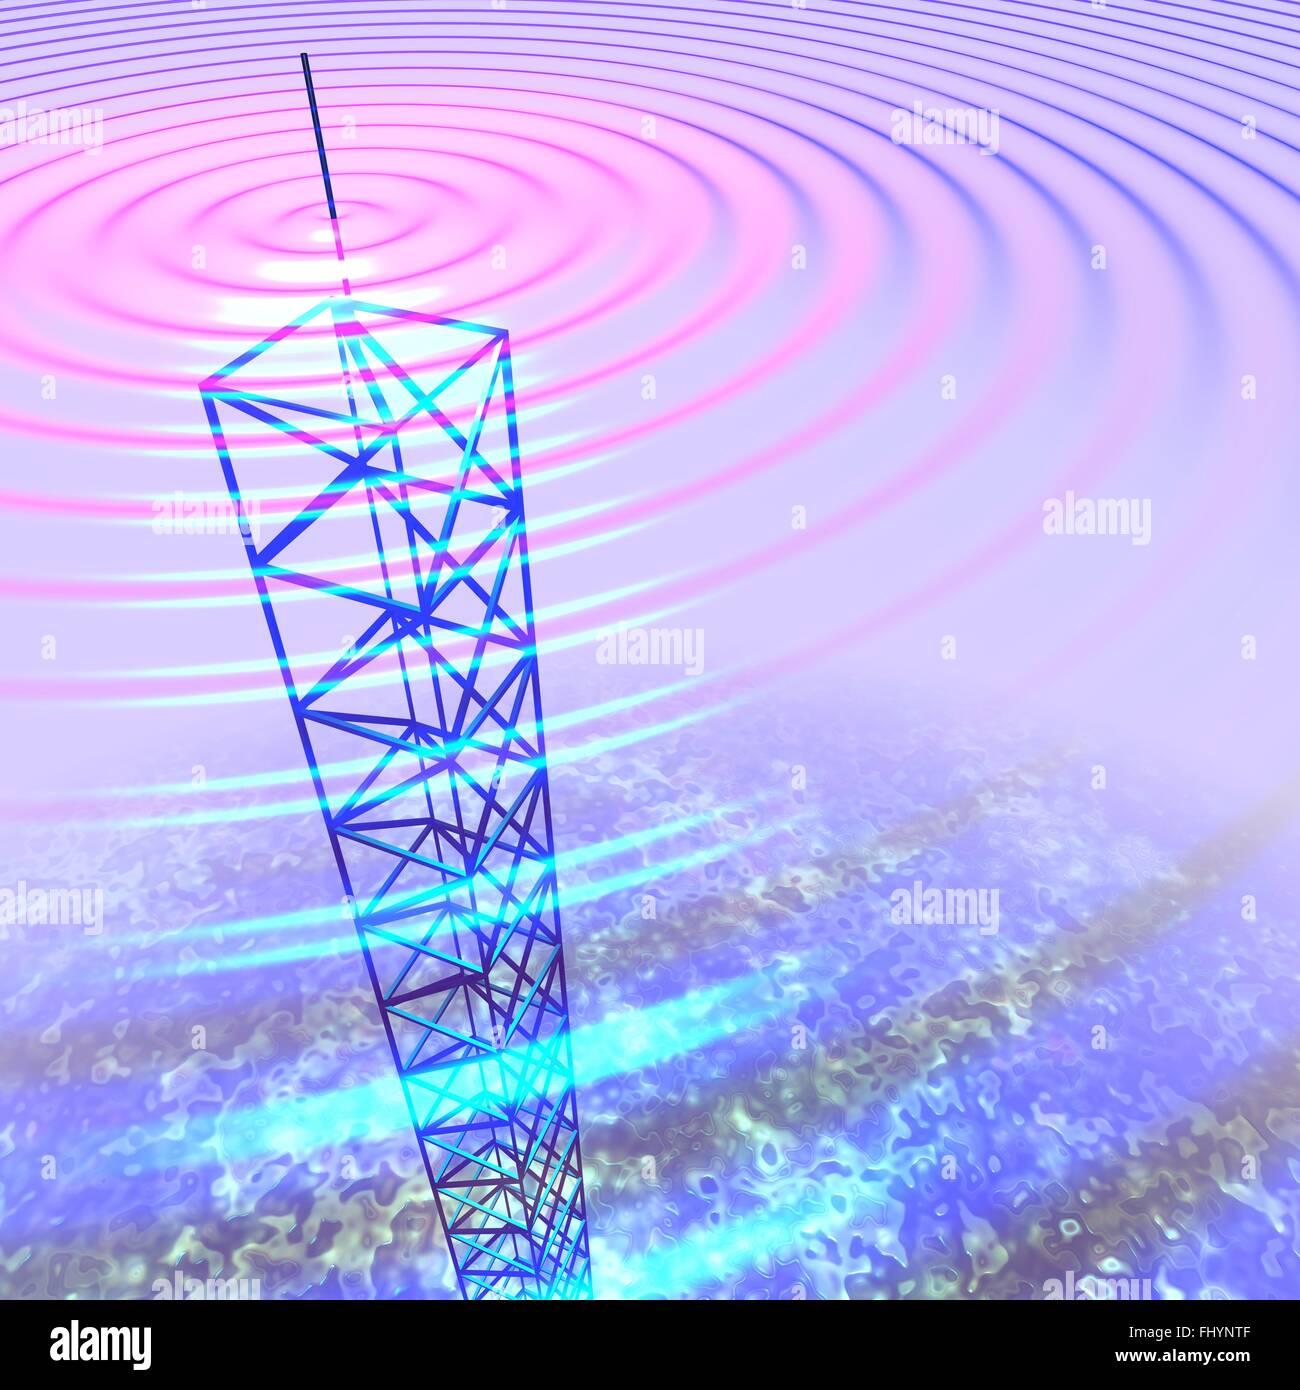 Radio Waves Stock Photos Images Alamy Diagram The Basic Shape Of Wave And Transmission Tower Illustration Image